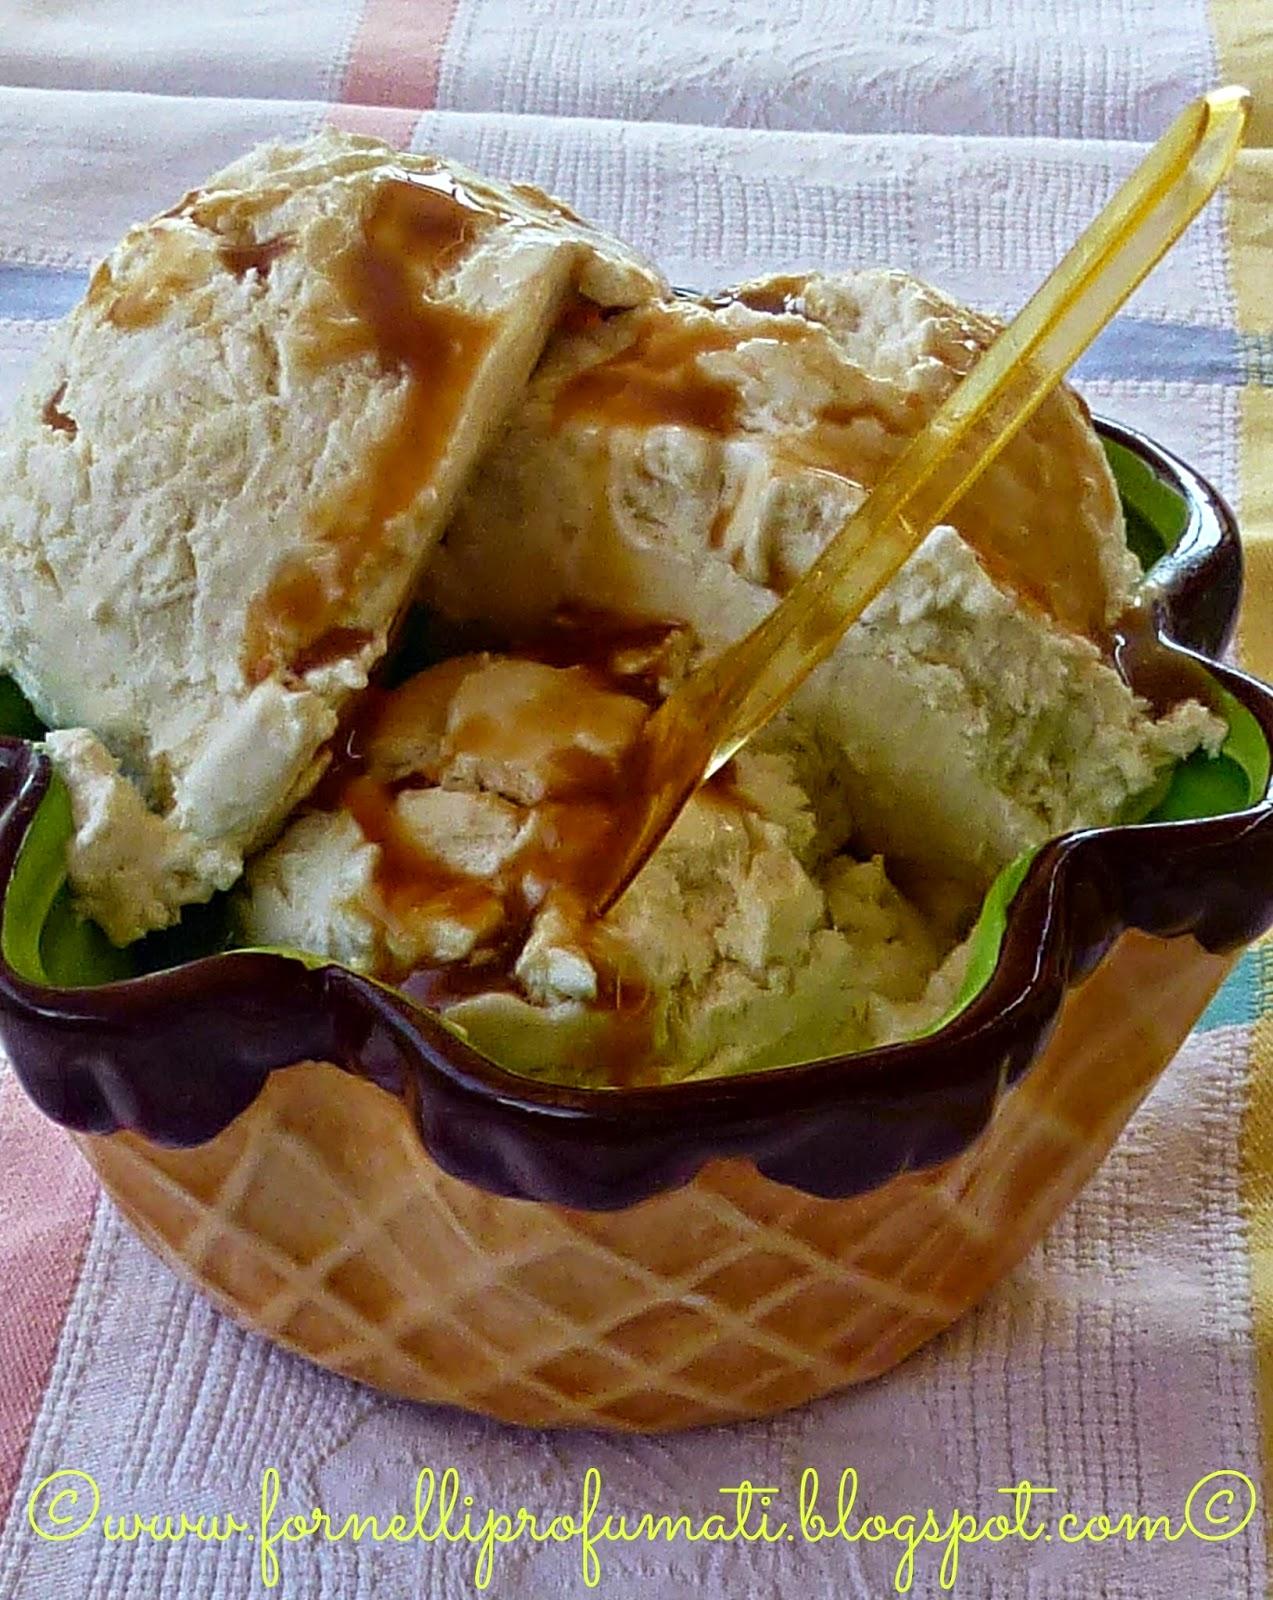 gelato al latte condensato.